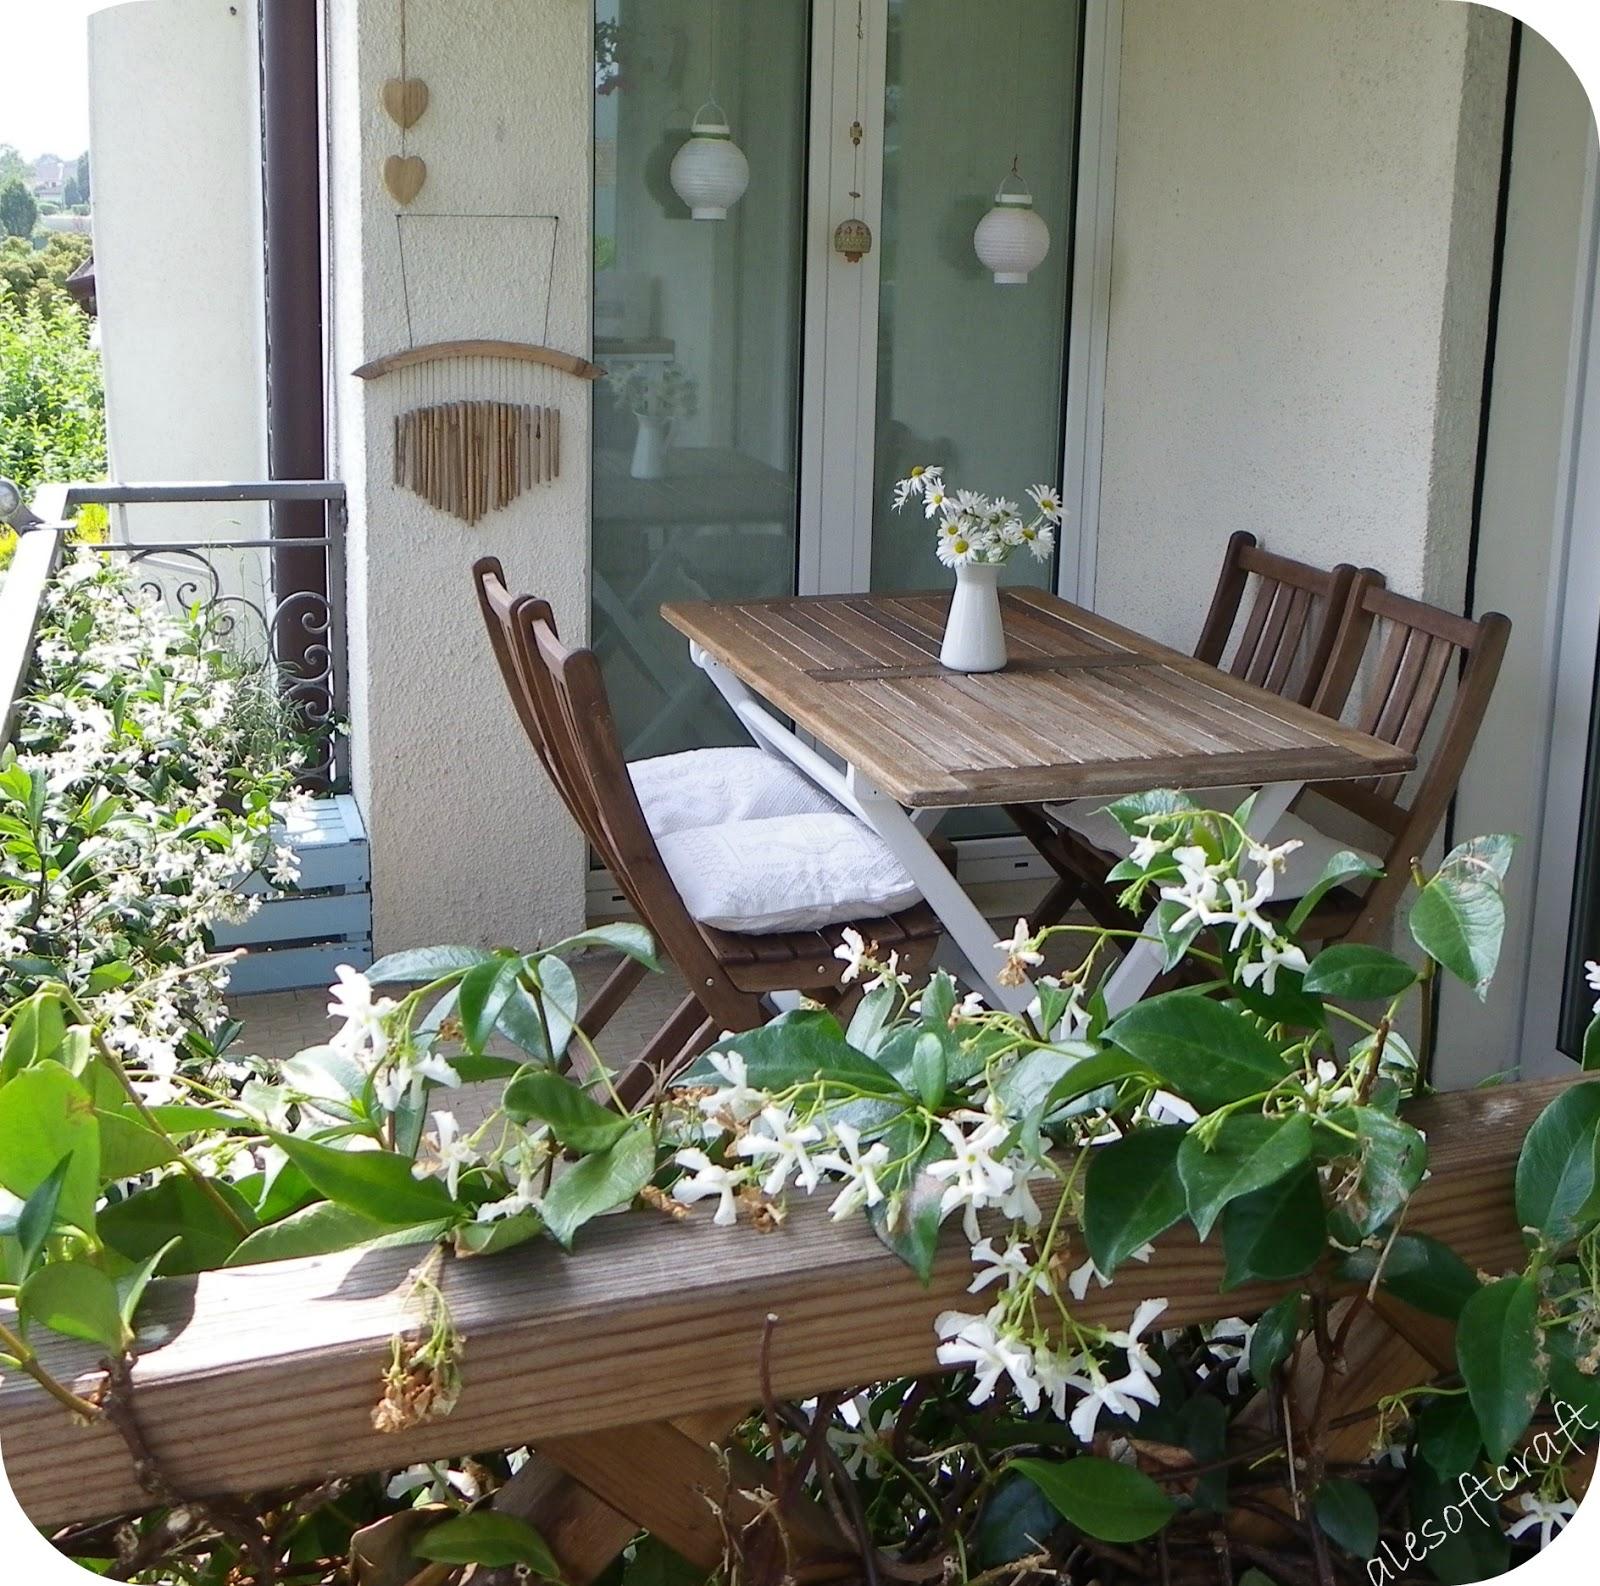 Beautiful Terrazzi In Fiore Contemporary - Idee Arredamento Casa ...